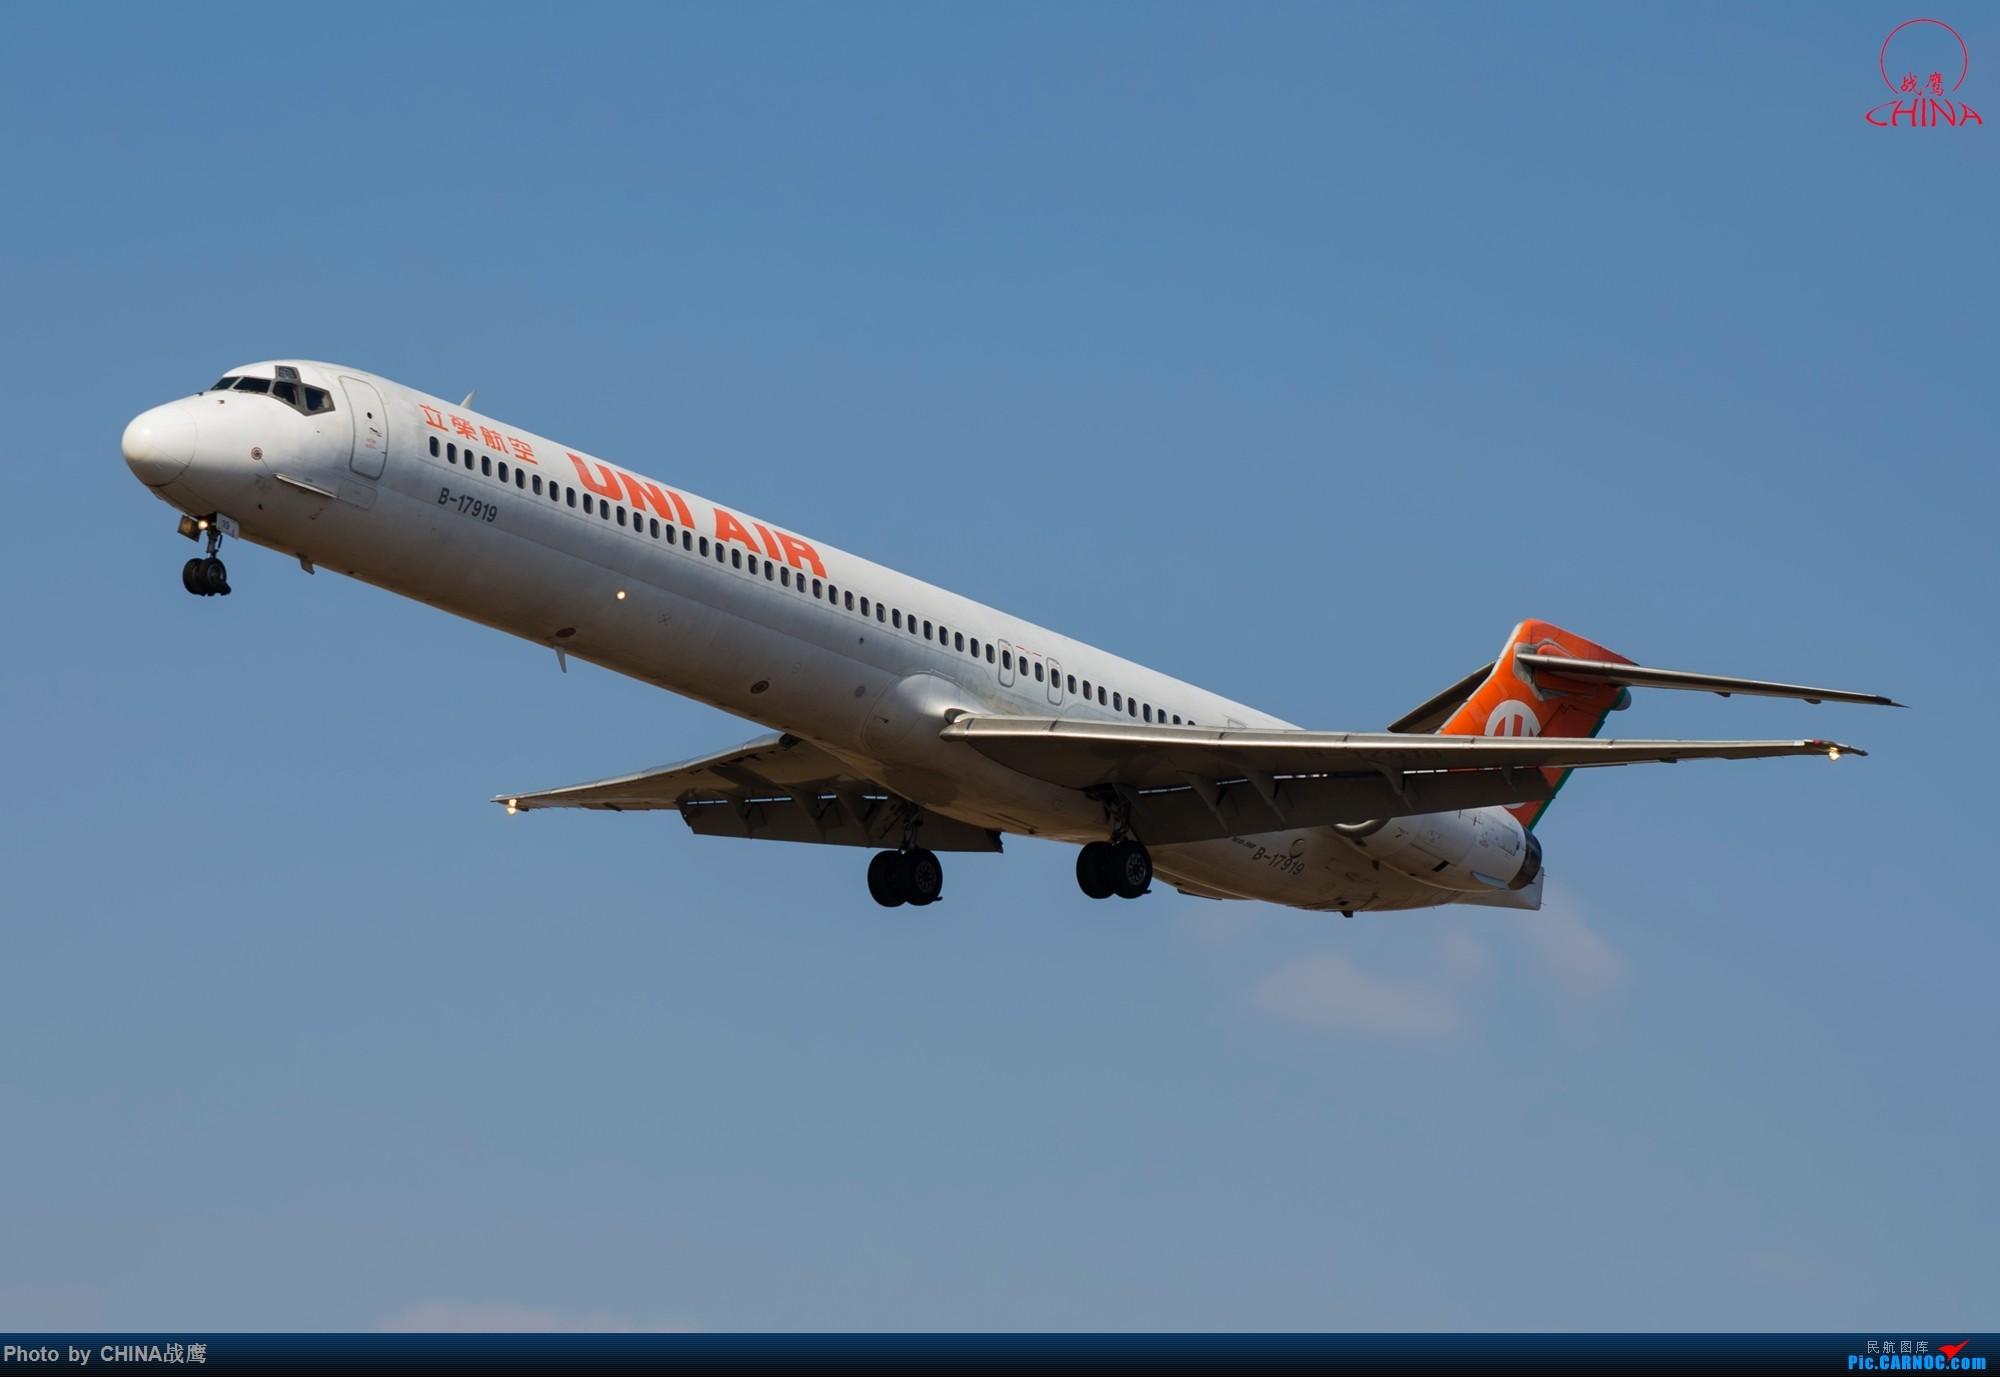 Re:[原创]拍飞机的乐趣 MD MD-90-30 B-17919 中国沈阳桃仙国际机场